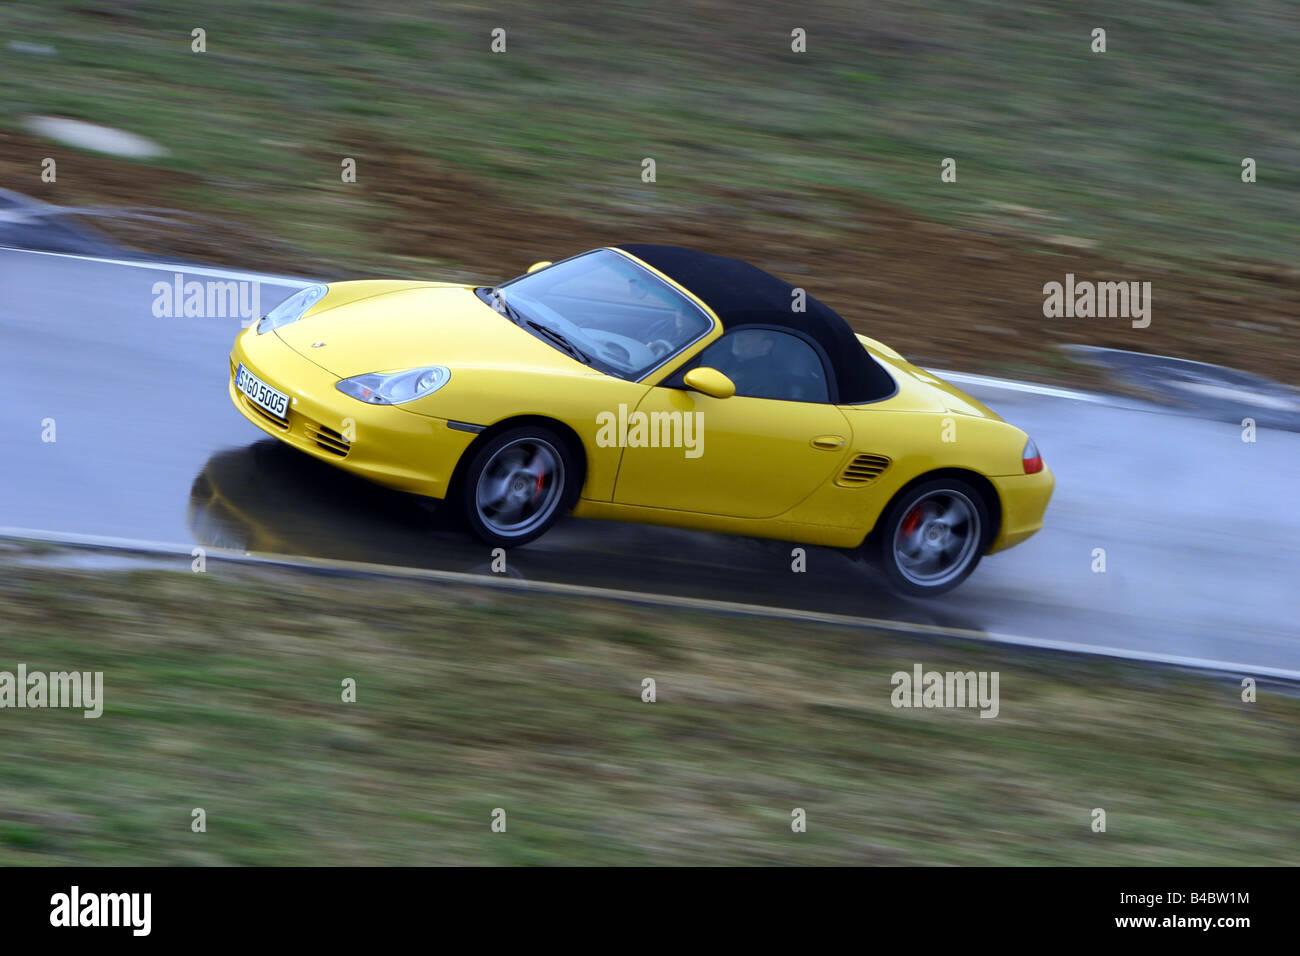 Car, Porsche Boxster S, yellow, Convertible, closed top